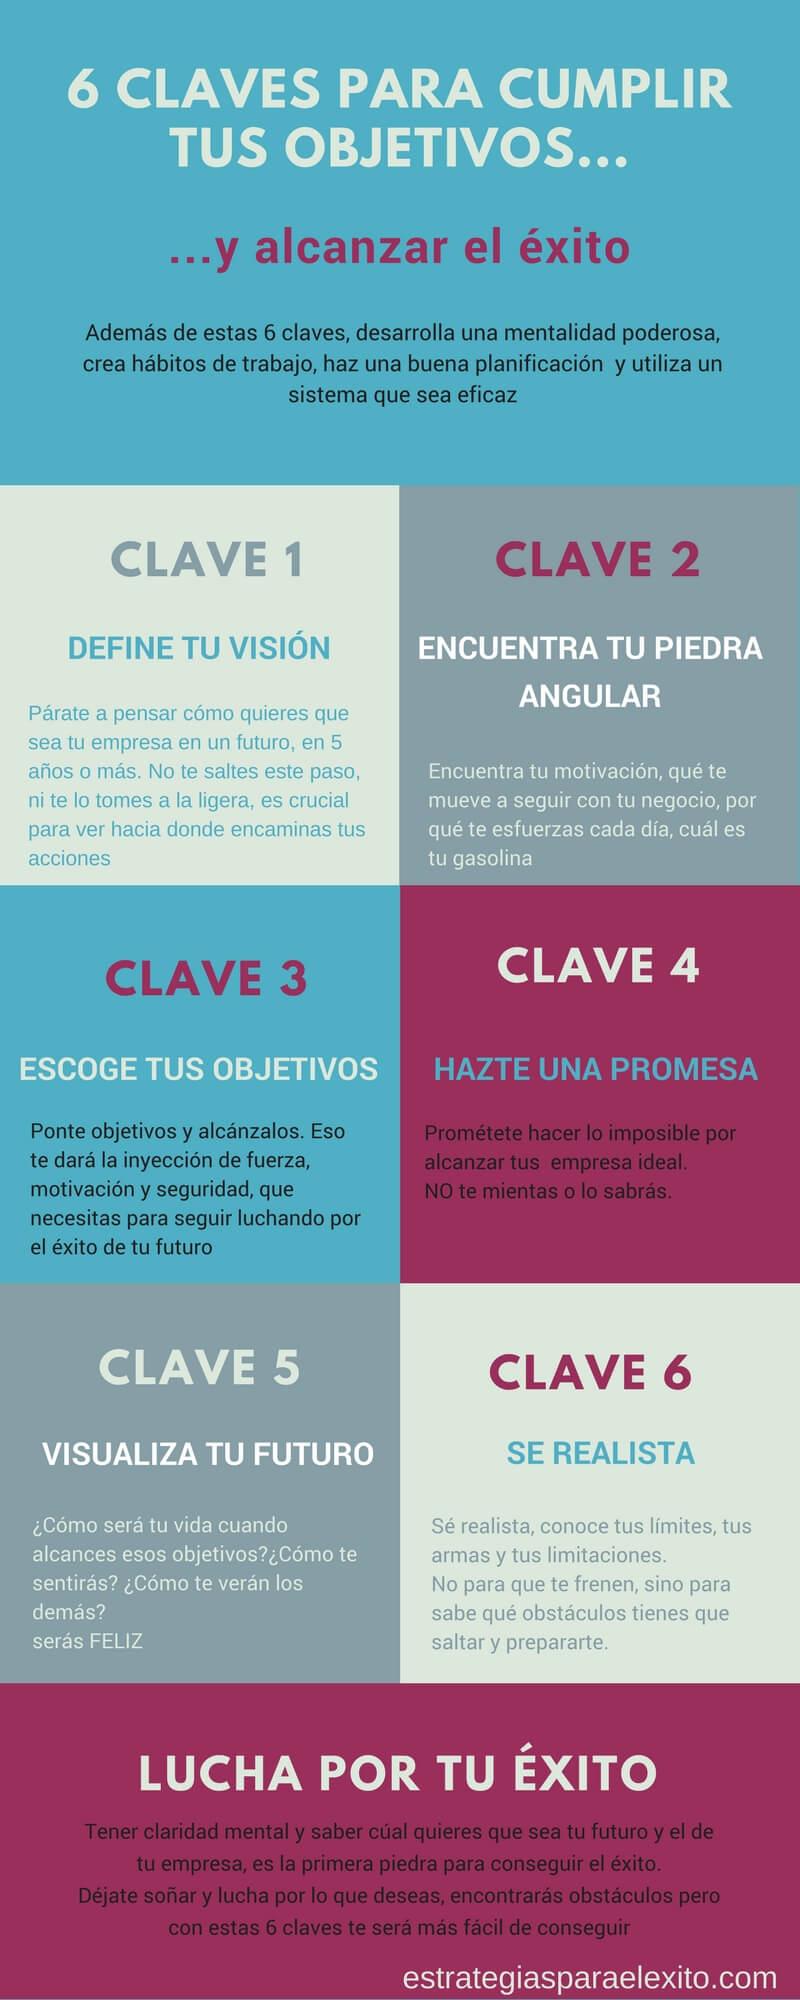 infografía 6 claves para alcanzar el éxito